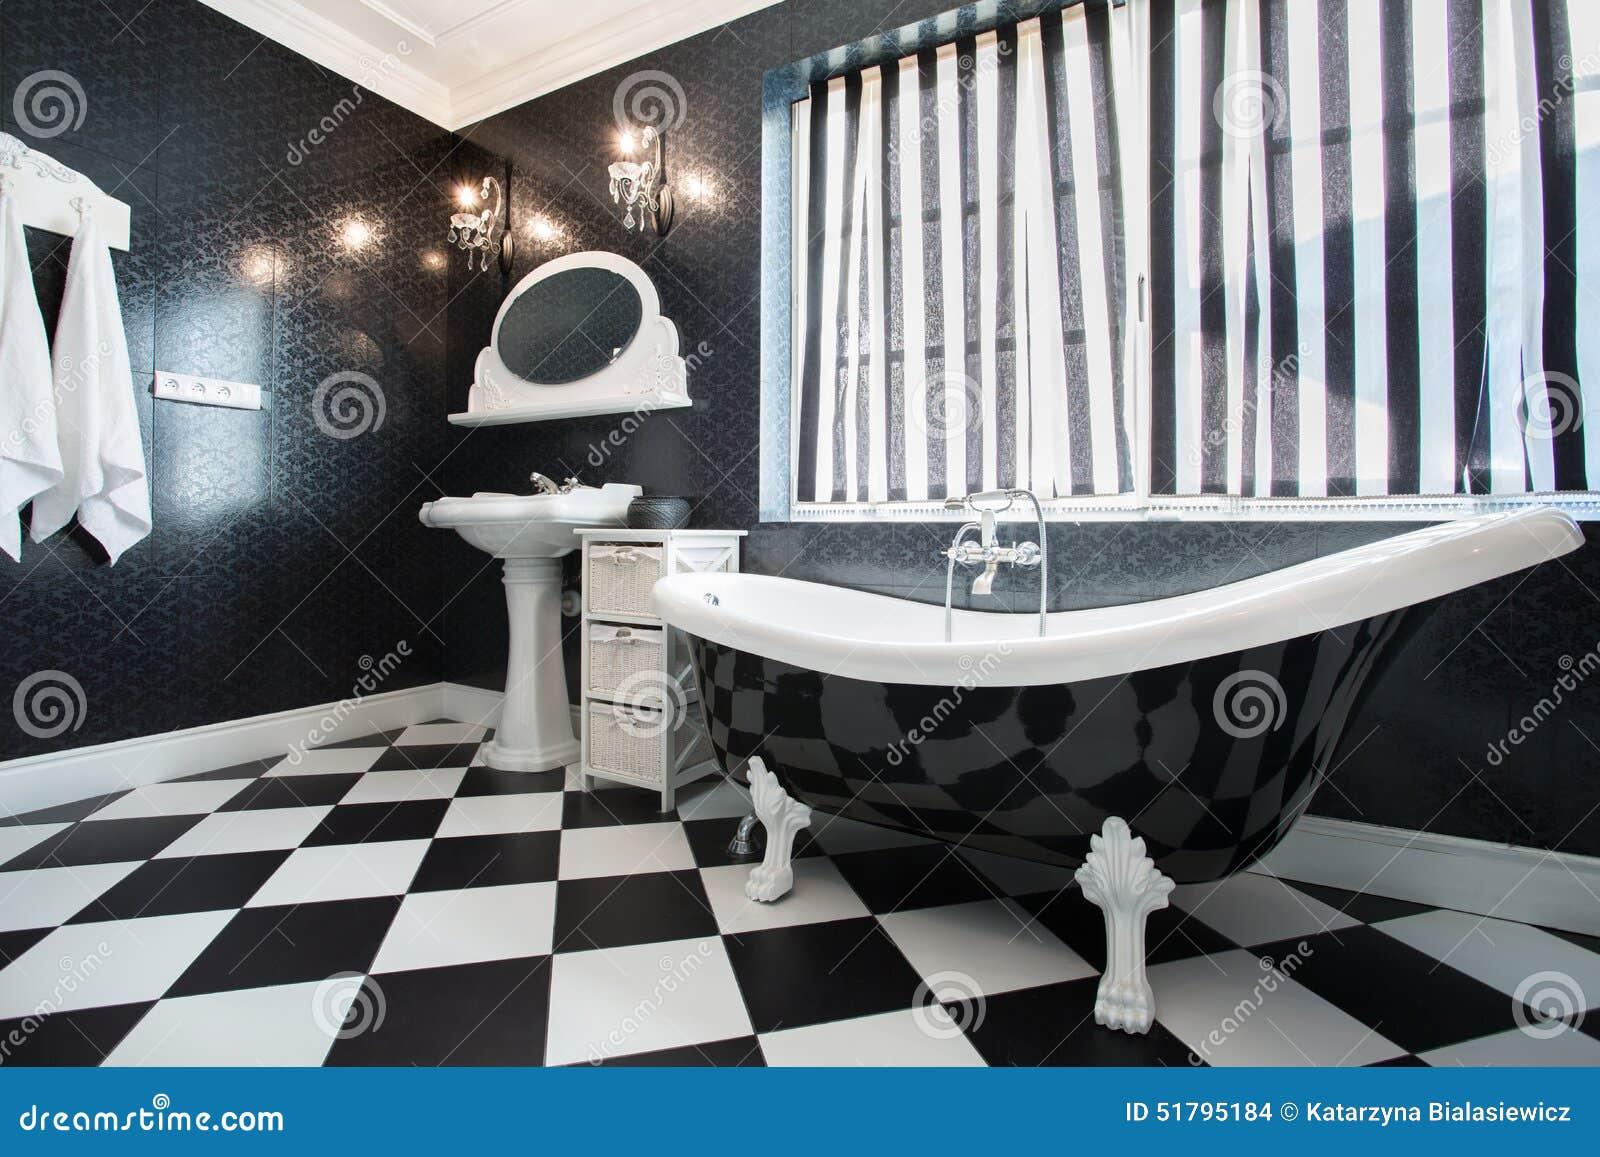 Baignoire Noire Et Blanche Dans La Salle De Bains Photo Stock